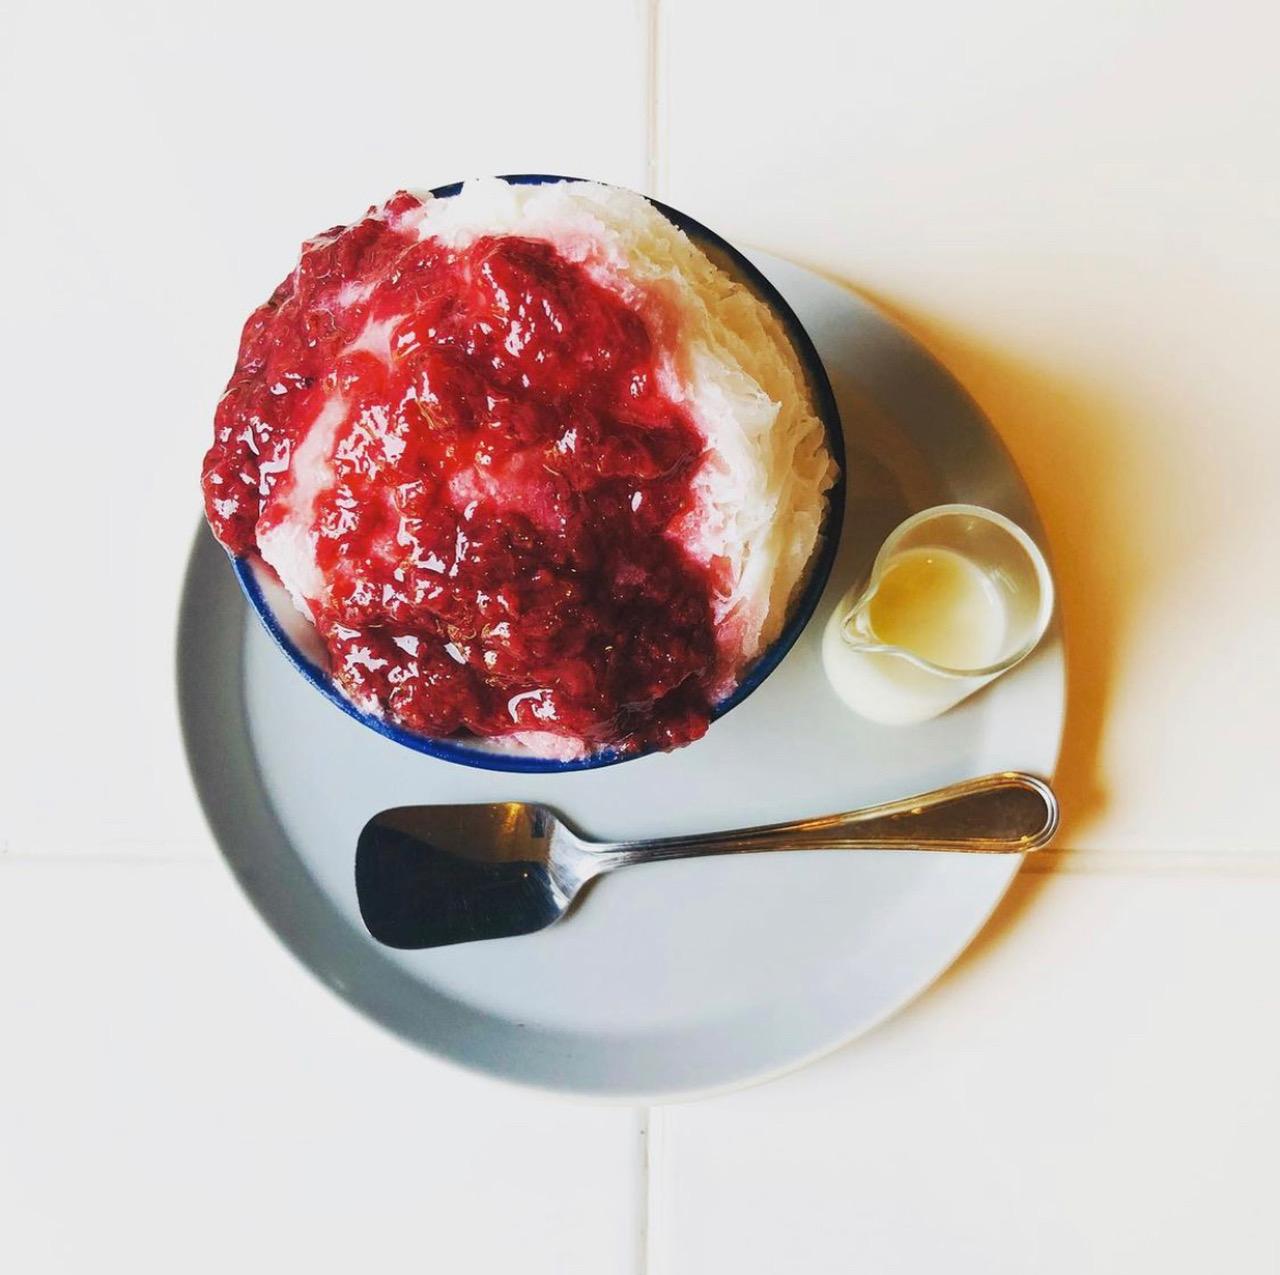 【肉割烹BENNKEI】夏のデザート<p>昨夏、大変ご好評いただきました「かき氷」。 今年もランチコースのデザートに登場いたします。 淡雪のようなふわふわの氷に じっくりと煮詰めた自家製いちごシロップと、 お好みでミルクを加えてお楽しみください。 美味しいお肉で […]</p>